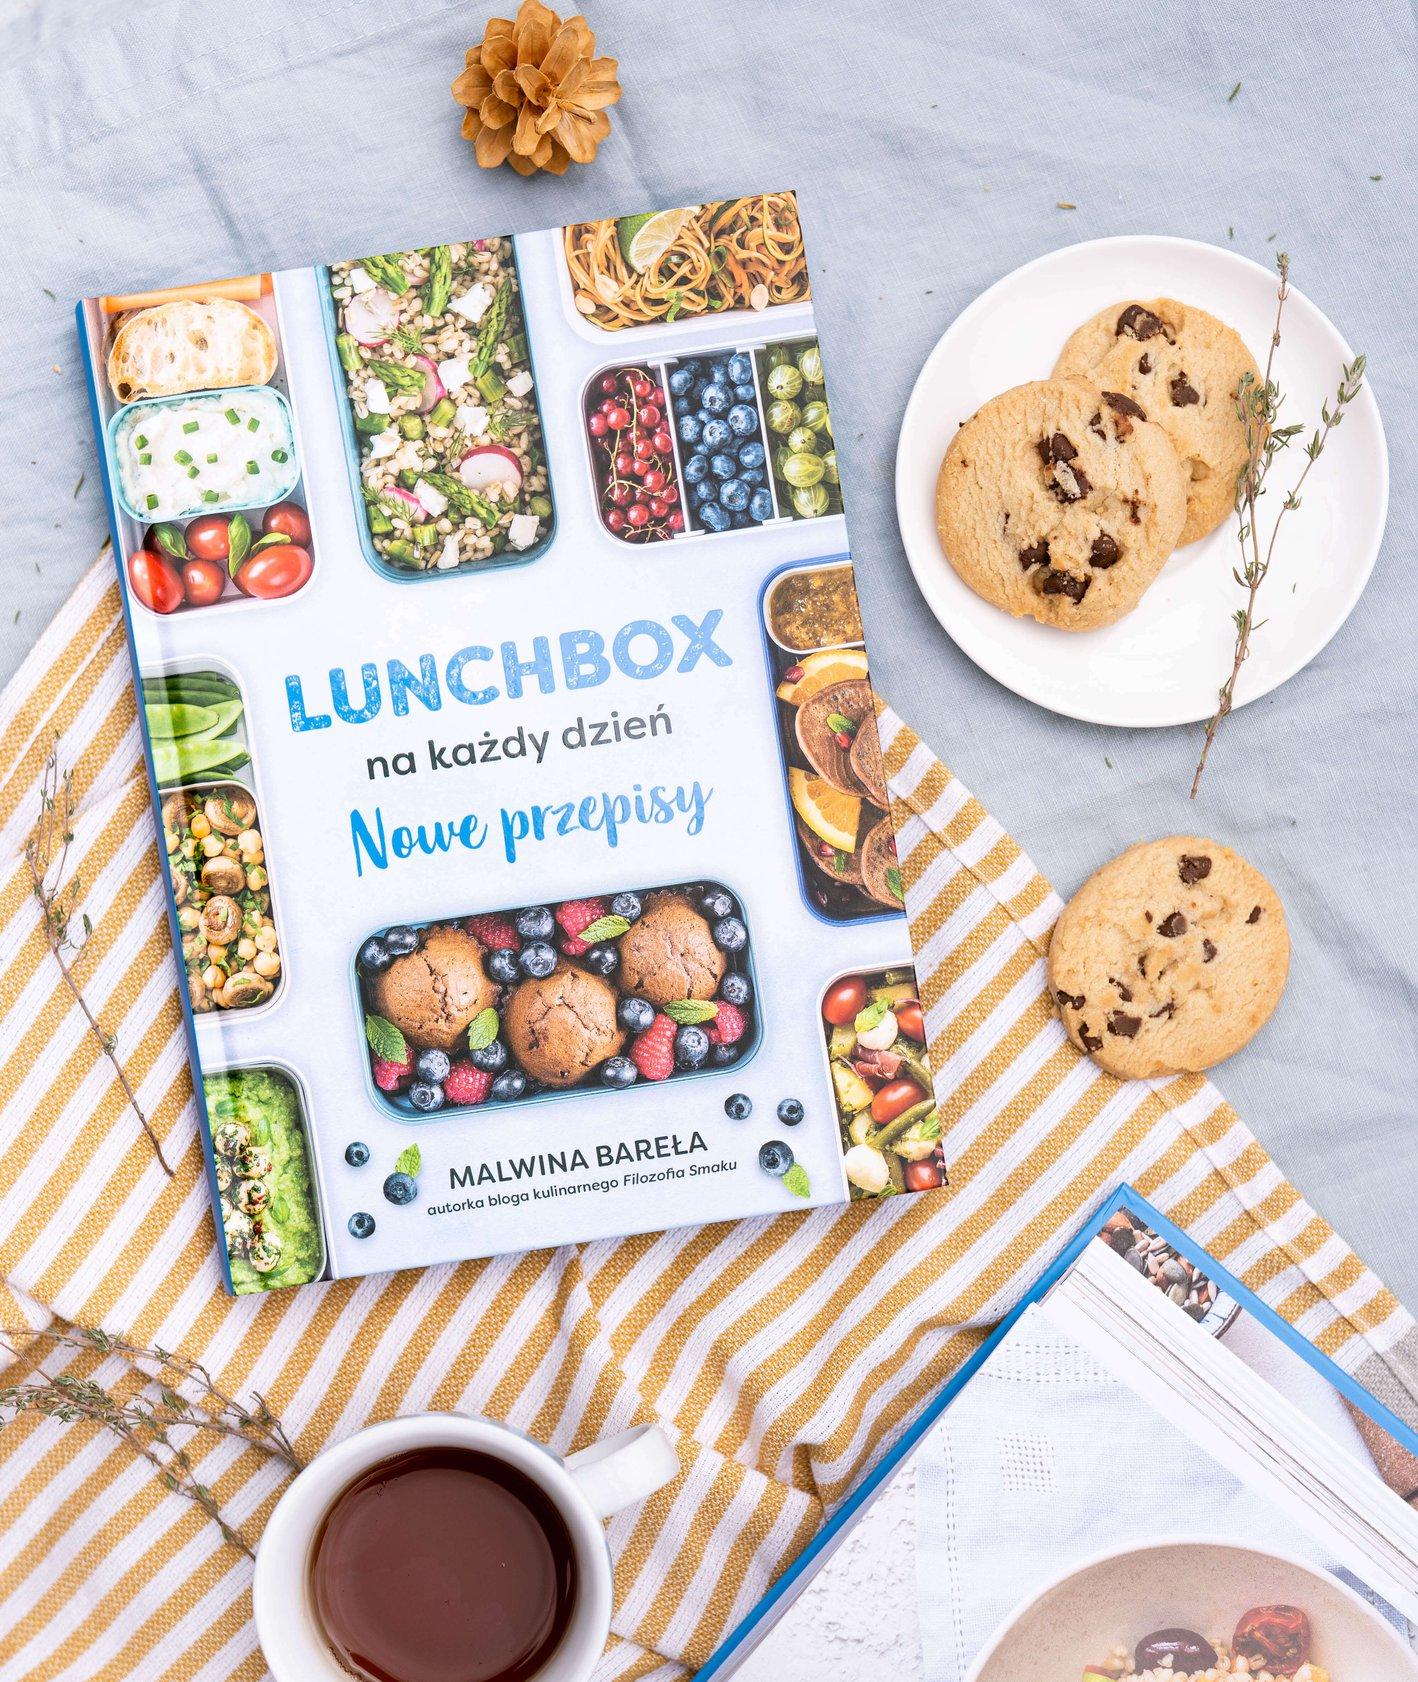 """Okładka książki """"Lunchboxy na każdy dzień"""" (fot. Martyna Cybuch)"""